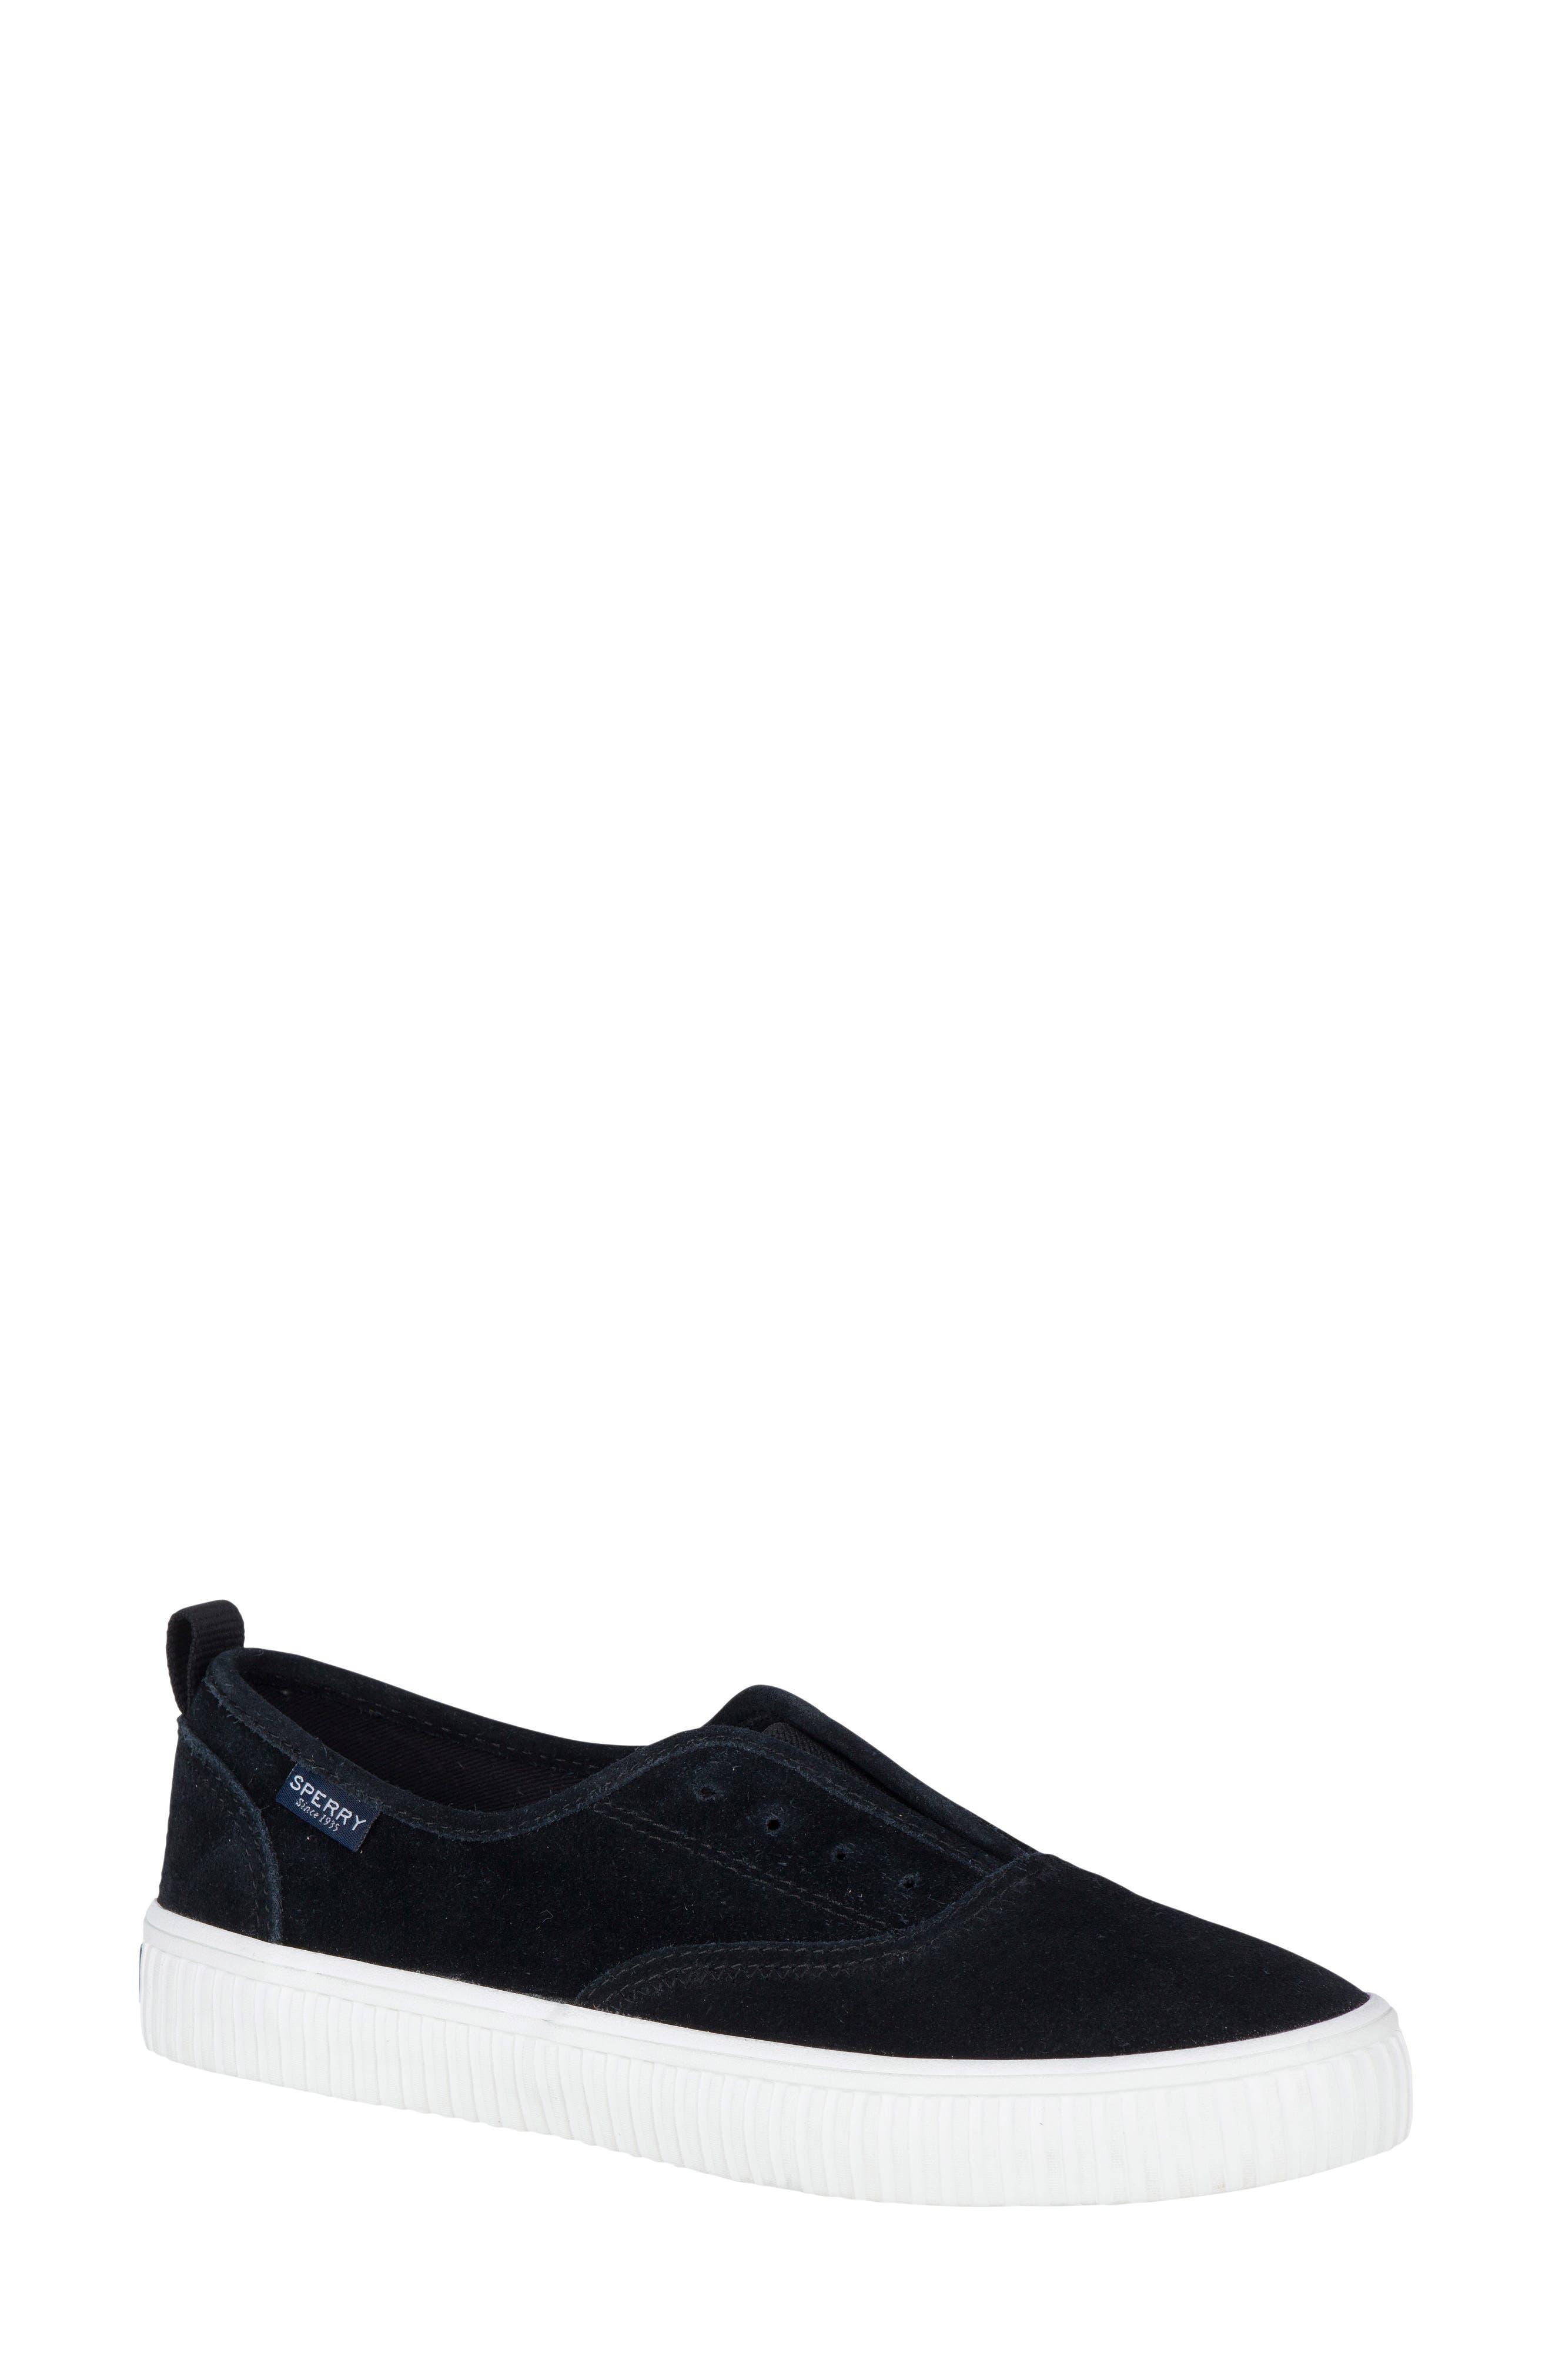 Main Image - Sperry Crest Creeper Slip-On Sneaker (Women)